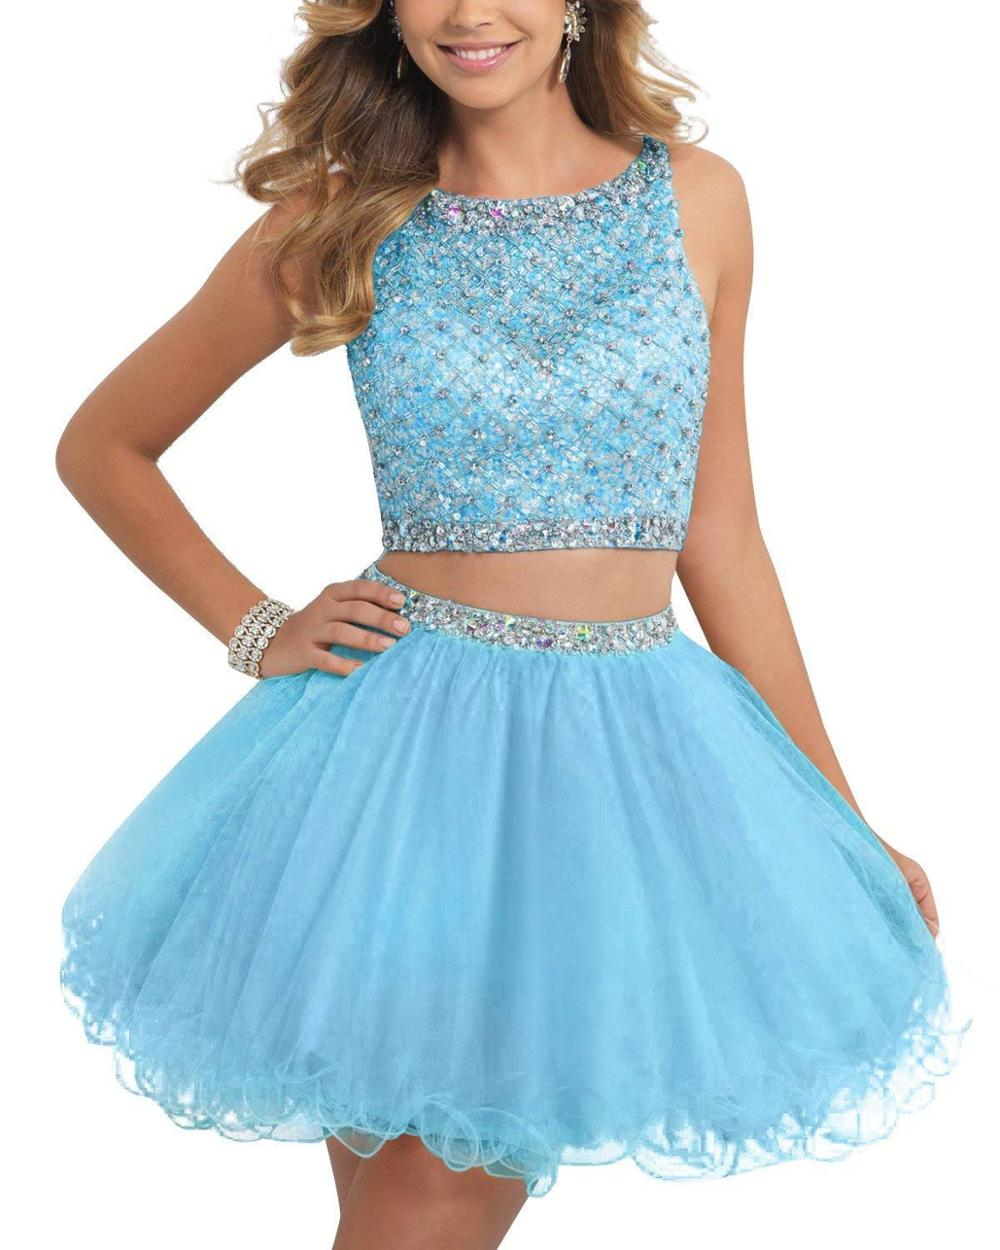 Finden Sie Hohe Qualität Eisblaues Hochzeitskleid Hersteller und ...